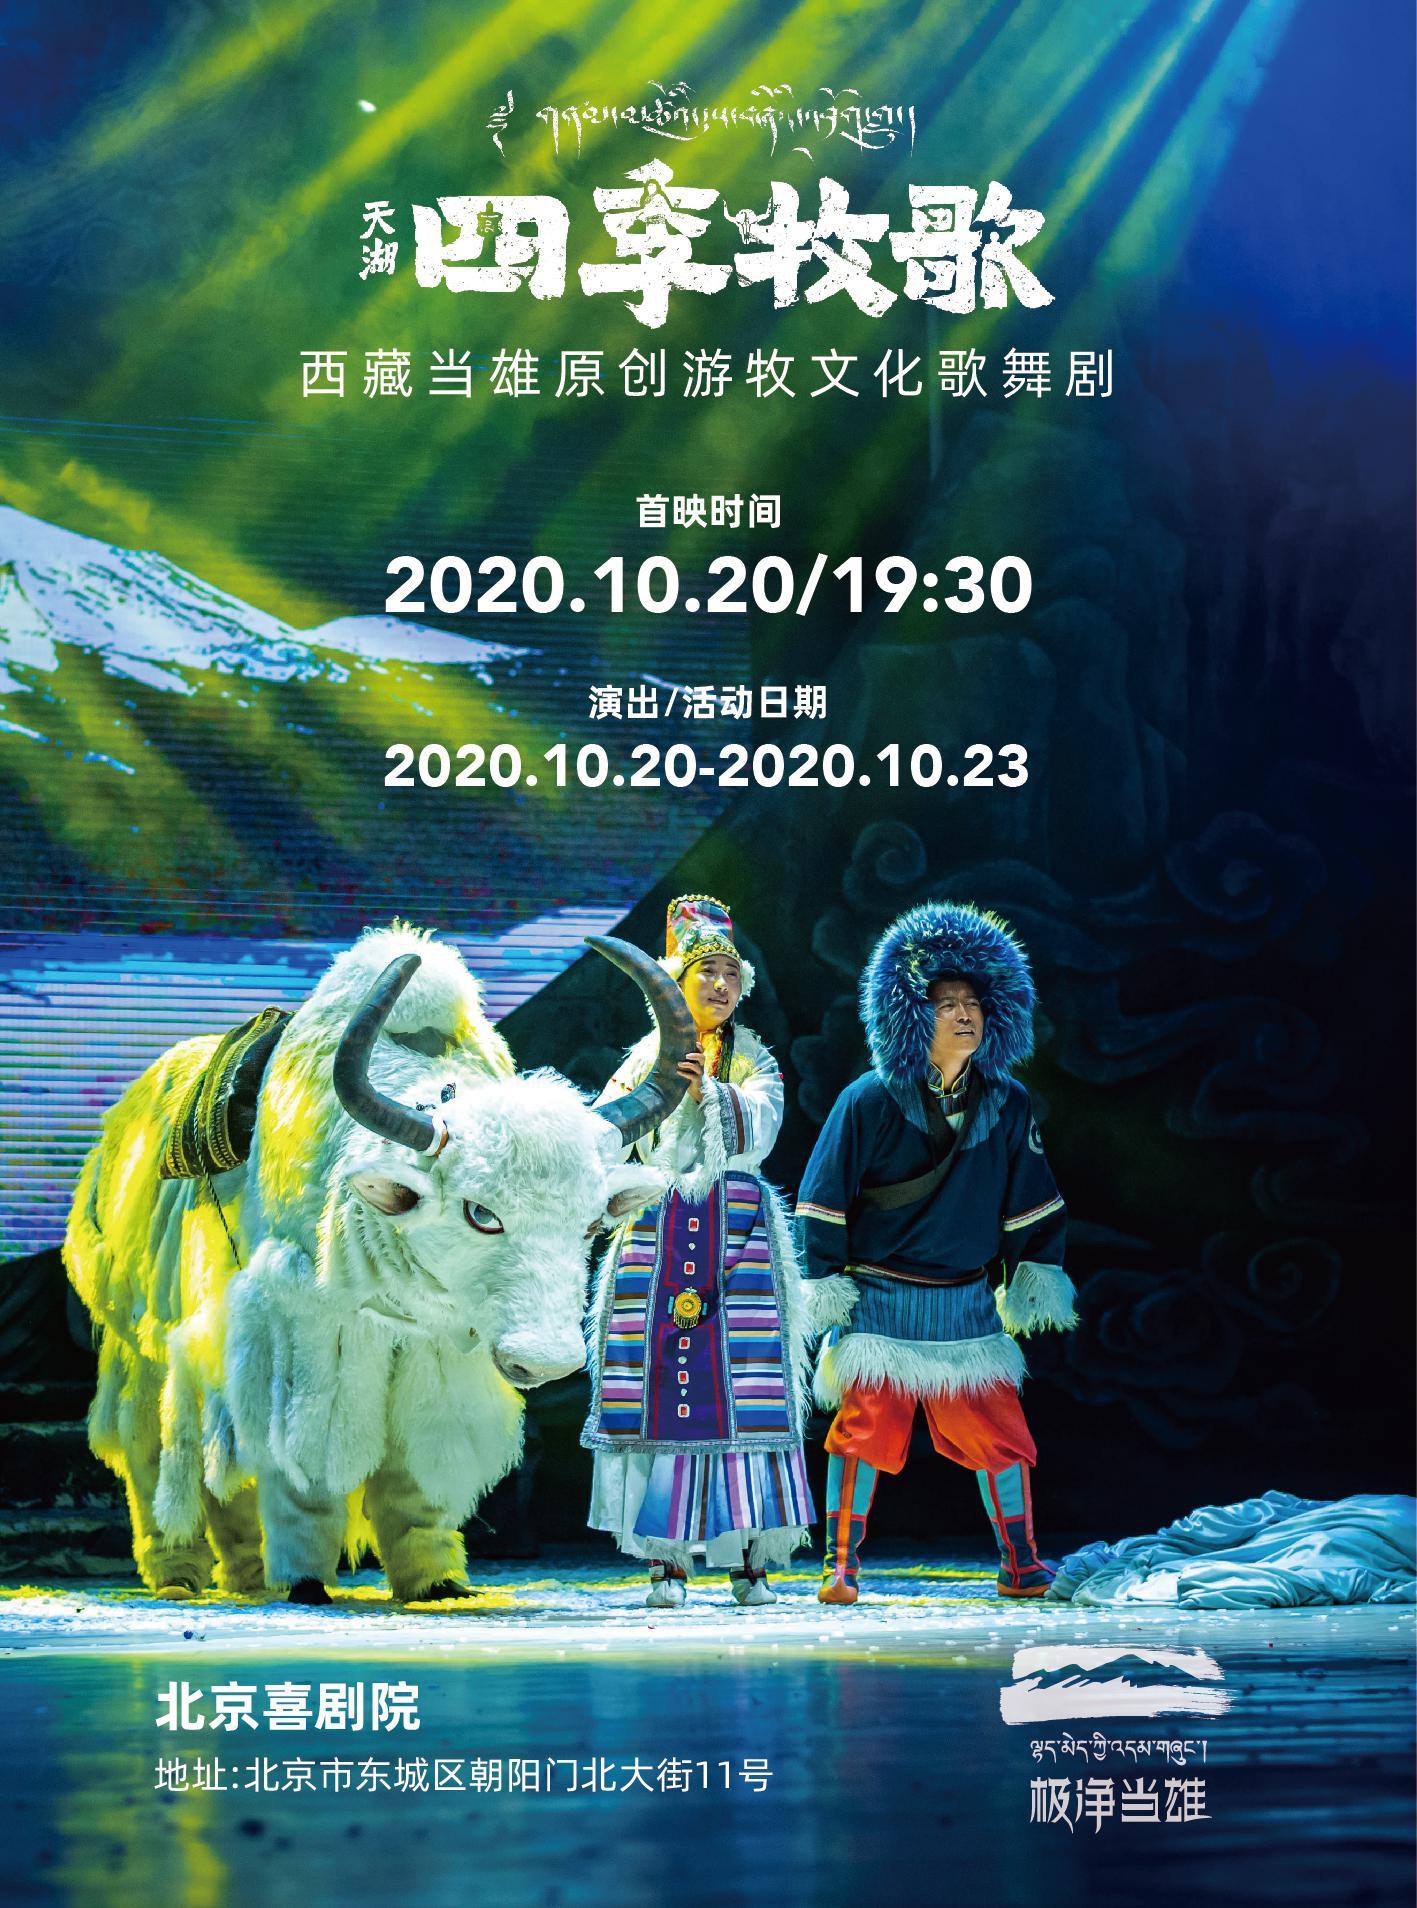 国家扶贫日,西藏当雄县演员为何携带牦牛粪进京?图片